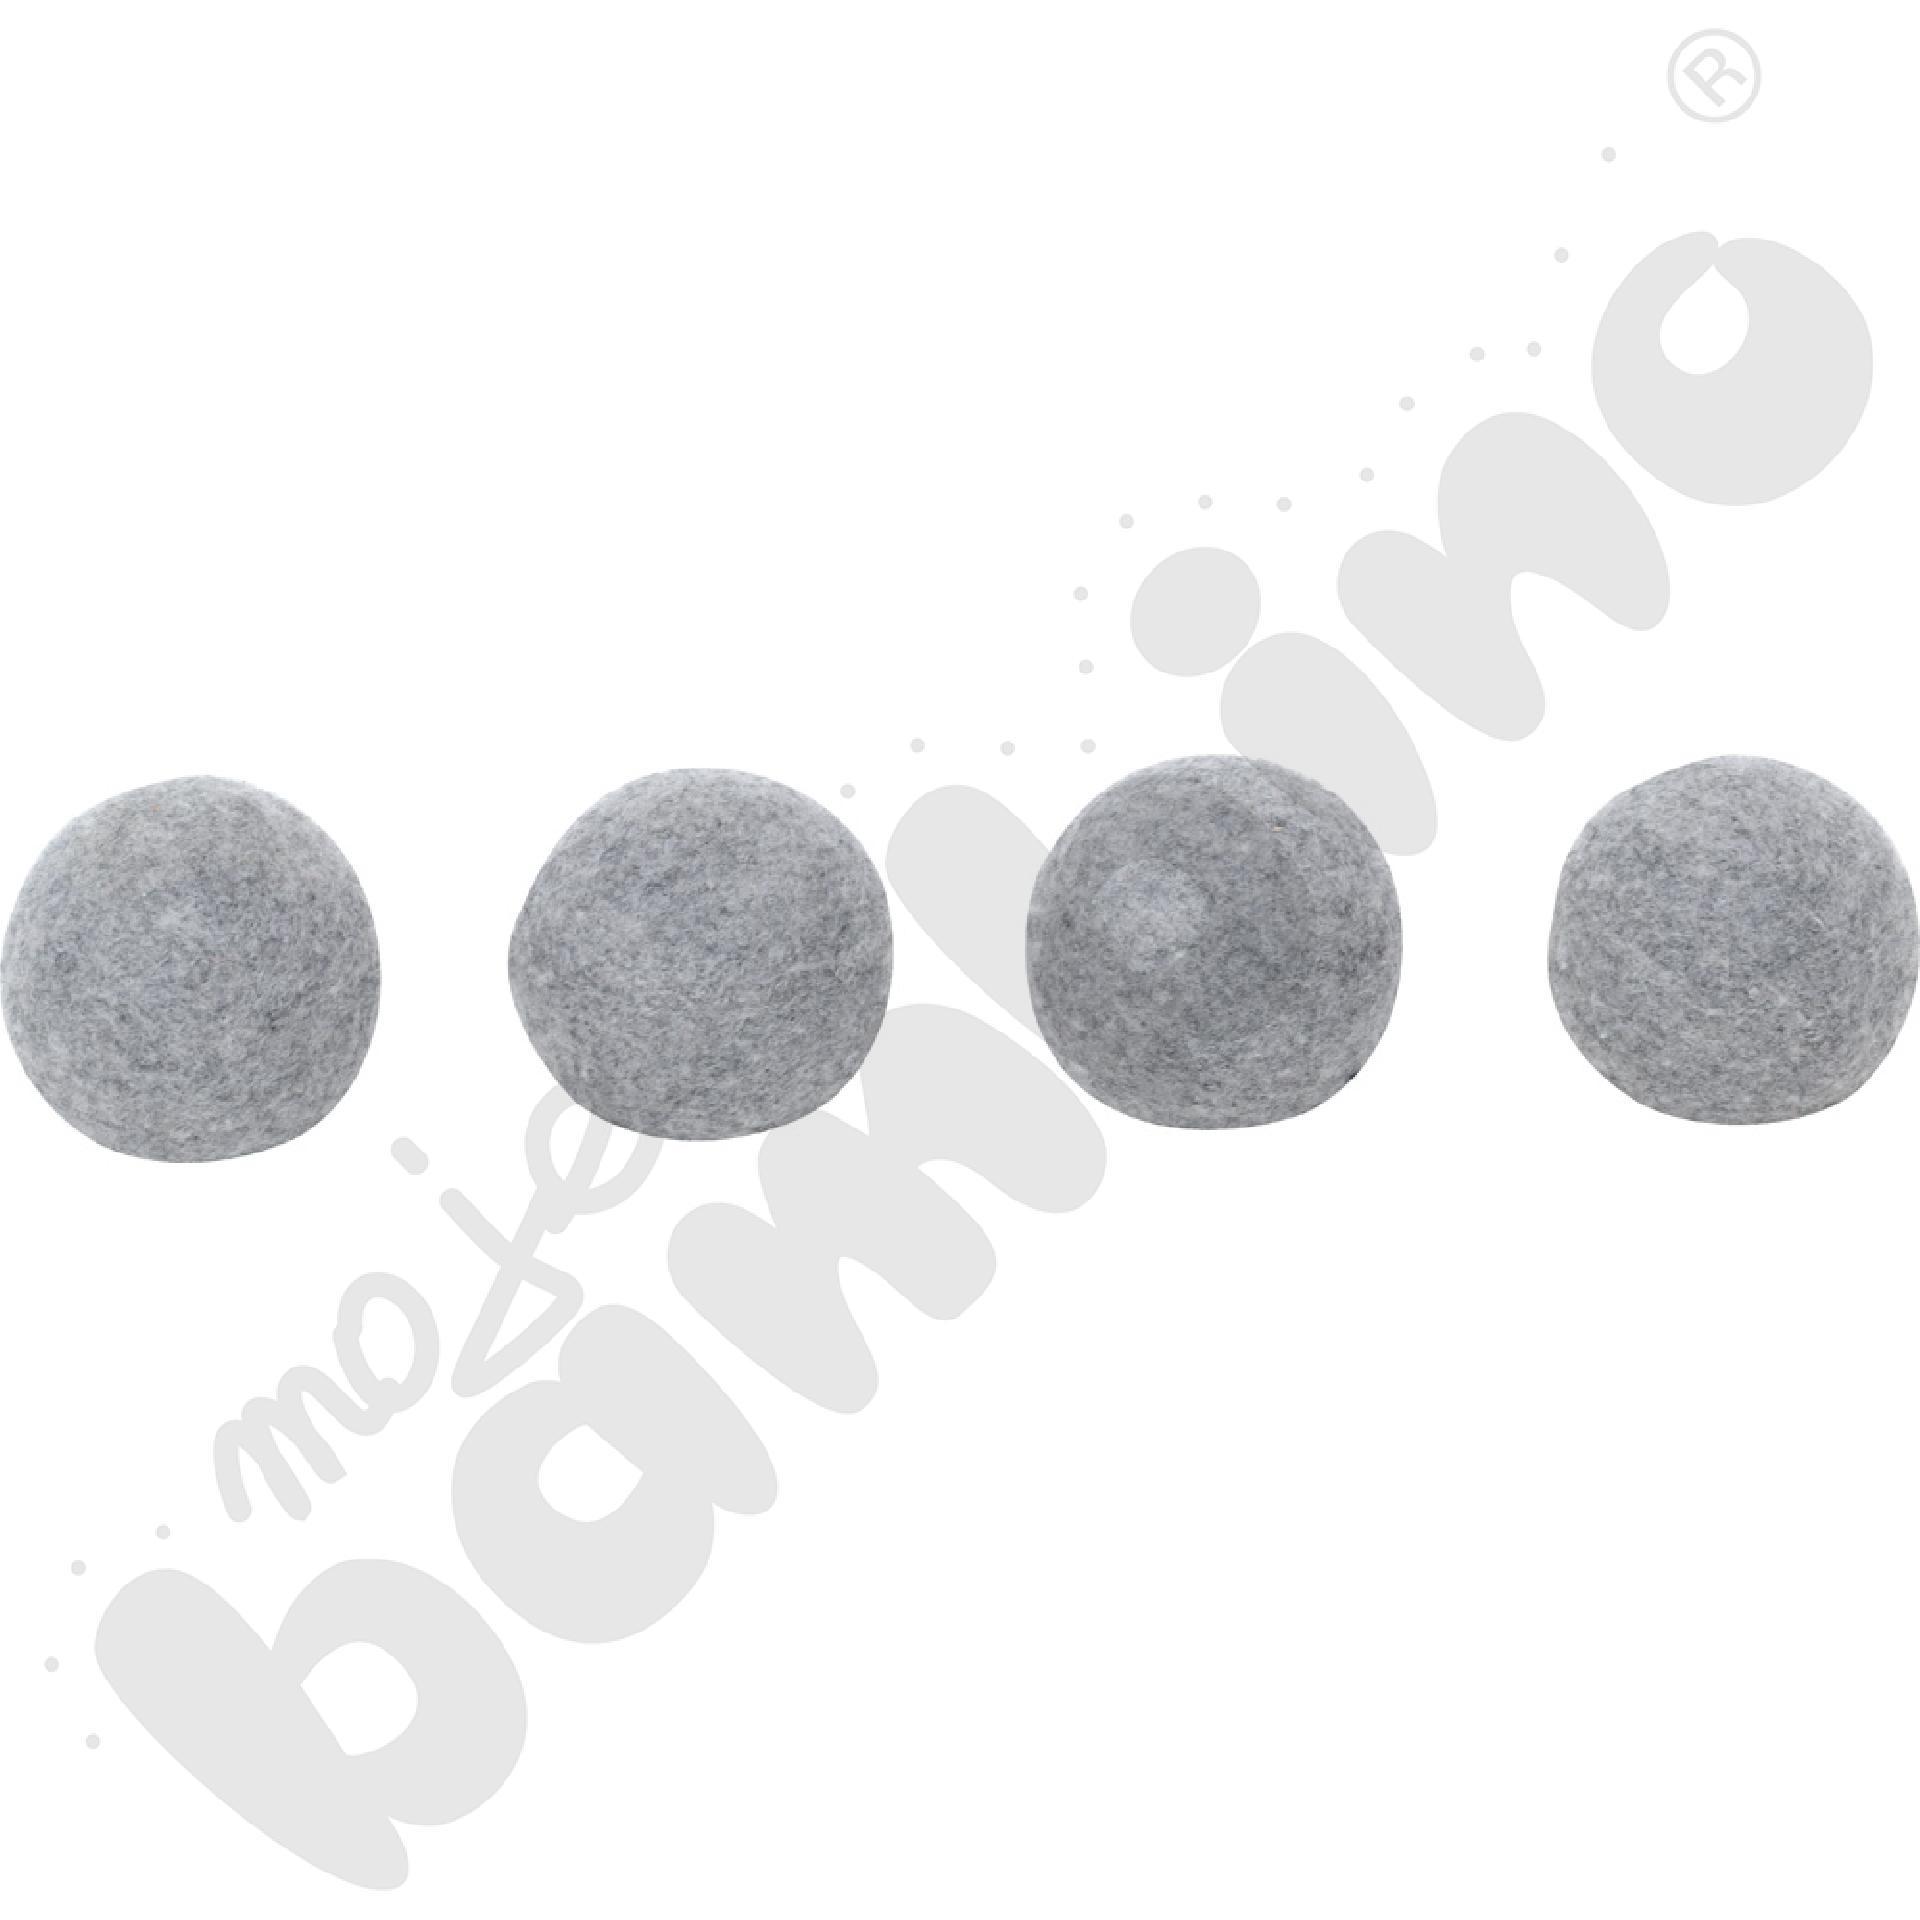 Nakładki filcowe do krzeseł - szare,  4 szt., 16-22 mm